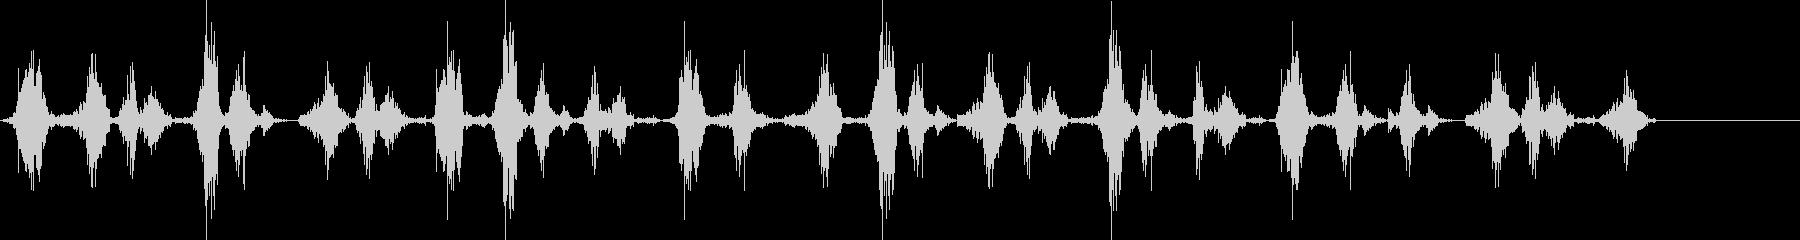 サササ..。紙に字を書く音(低・長)の未再生の波形